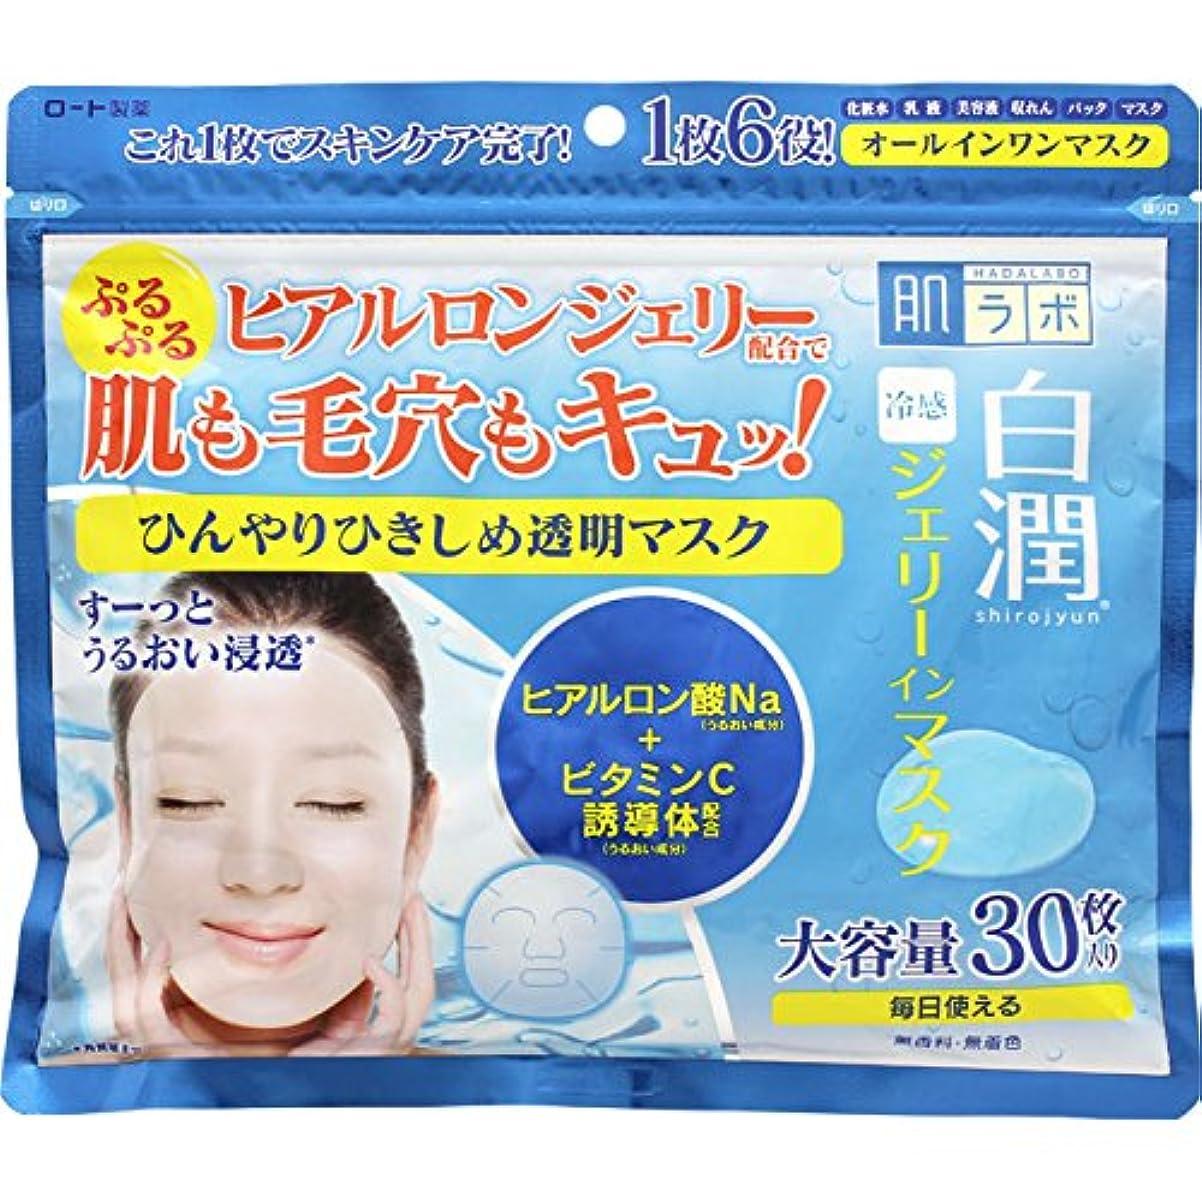 くしゃみ言い聞かせる船肌ラボ 白潤 冷感ジェリーインマスク 化粧水?乳液?美容液?収れん?パック?マスクの1枚6役 大容量30枚